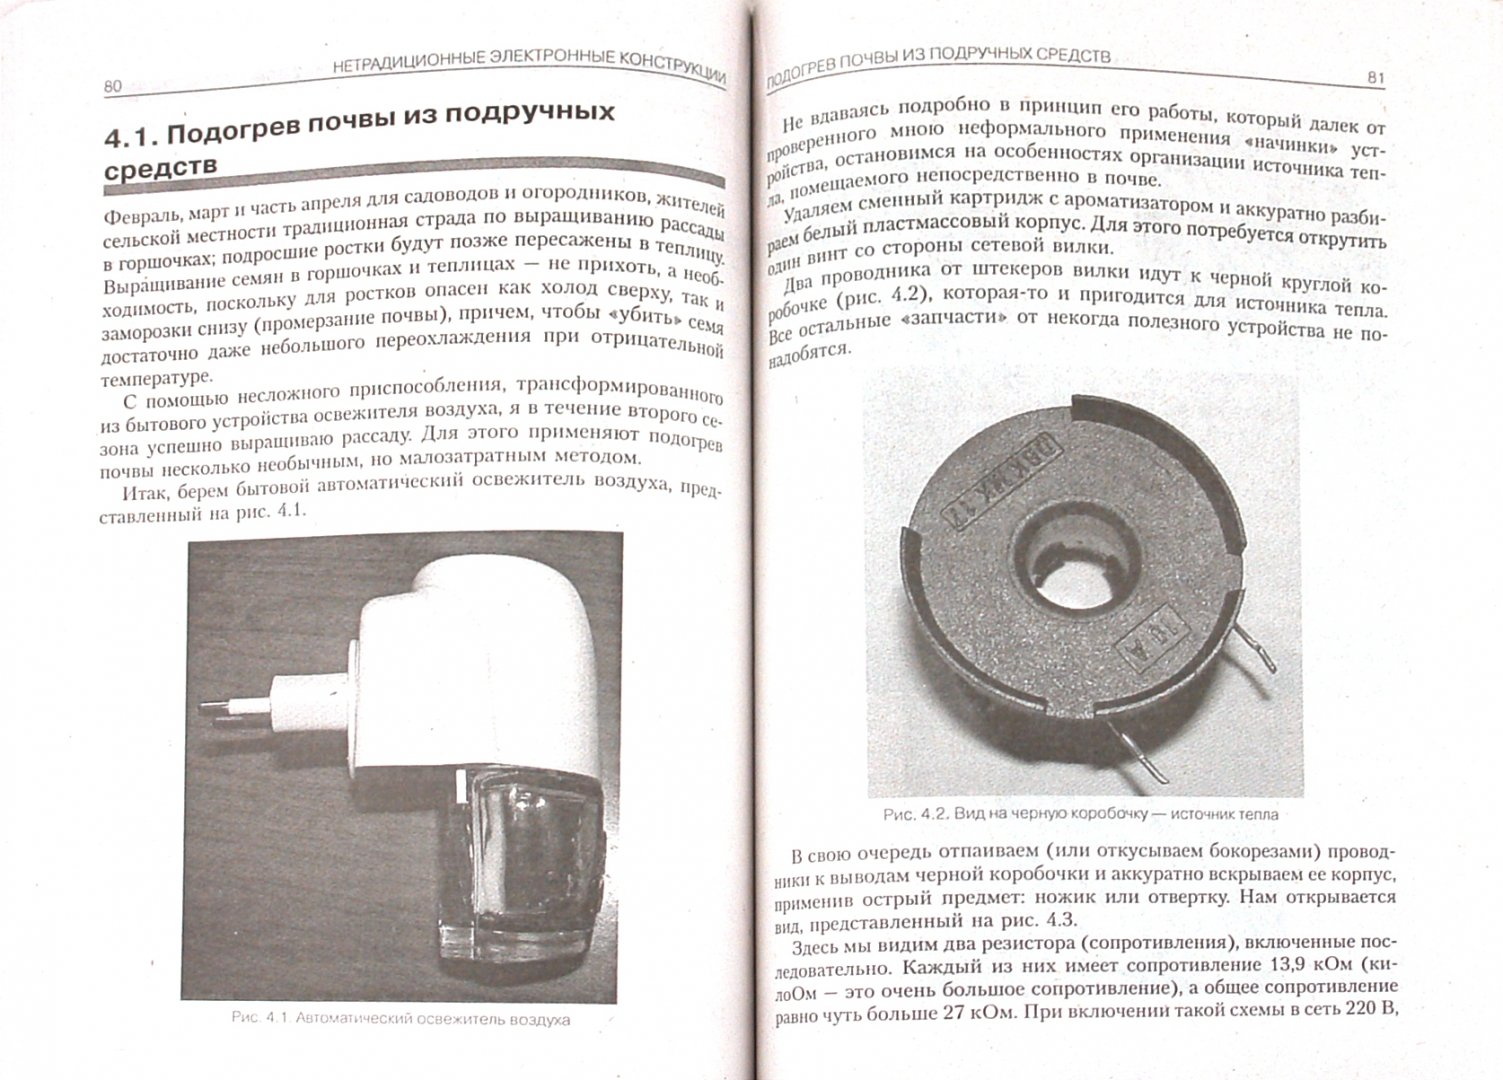 Иллюстрация 1 из 12 для Ветрогенераторы, солнечные батареи и другие полезные конструкции - Андрей Кашкаров | Лабиринт - книги. Источник: Лабиринт